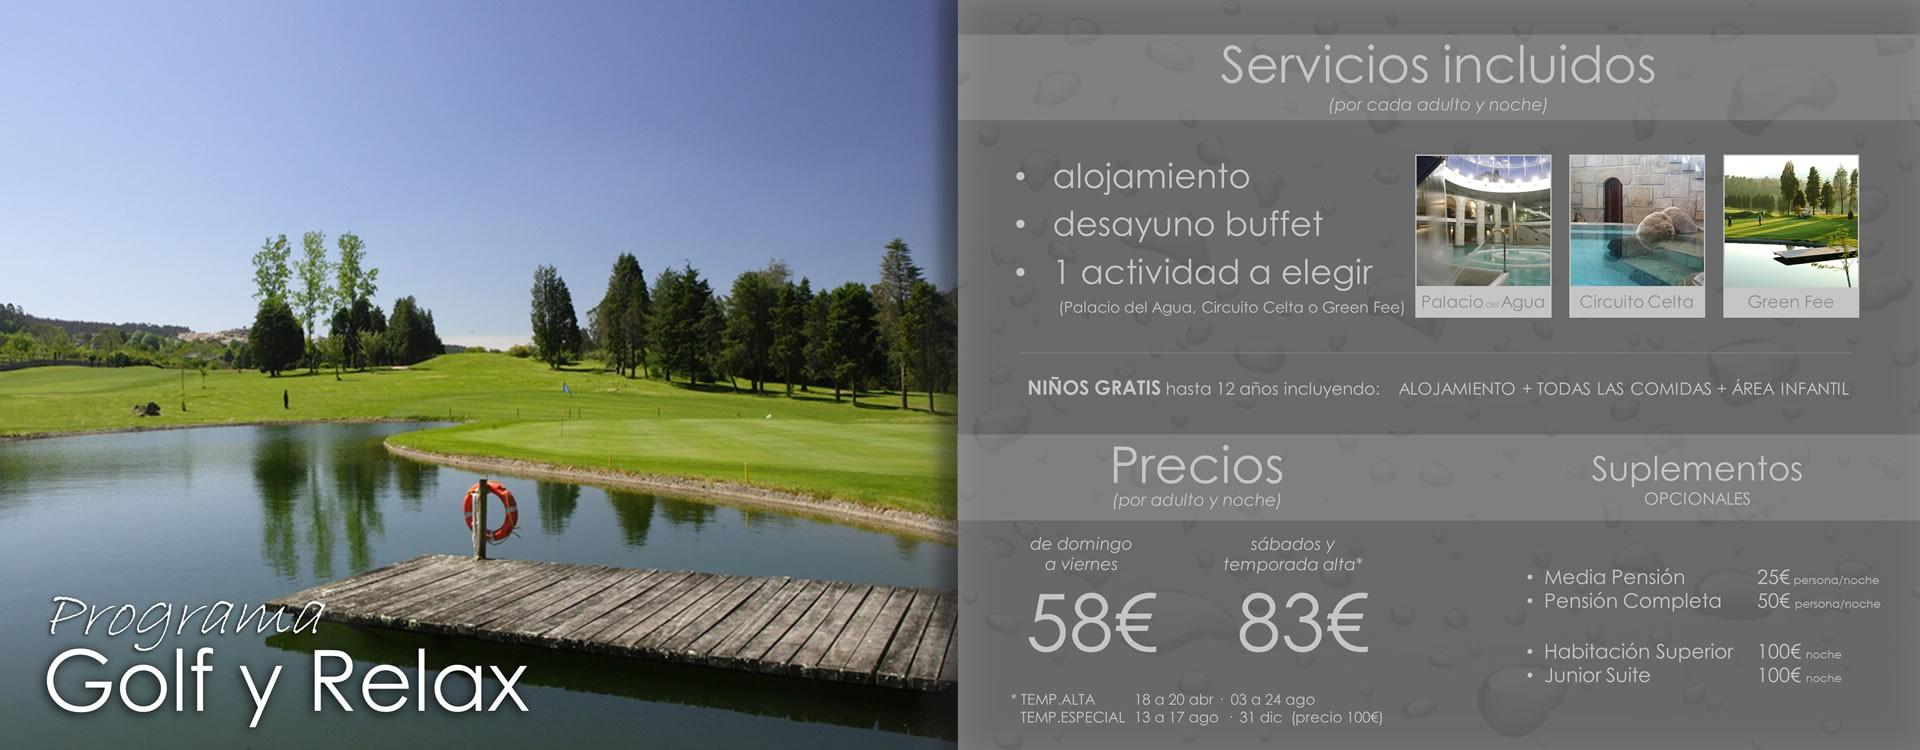 Programa Golf y Relax